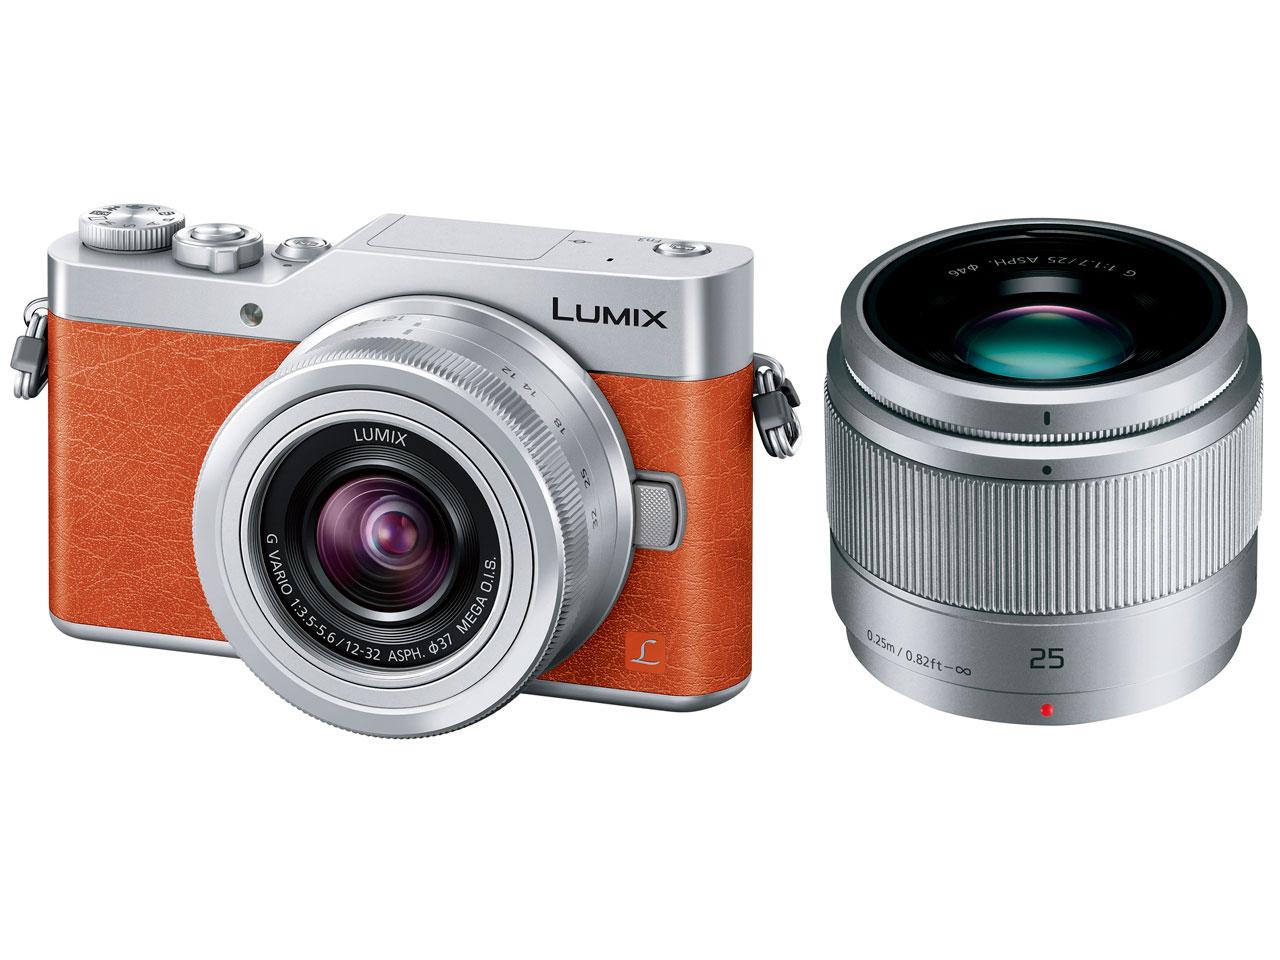 新品 Panasonic LUMIX DC-GF9W-D ダブルレンズキット オレンジ 在庫有り 送料無料 パナソニック